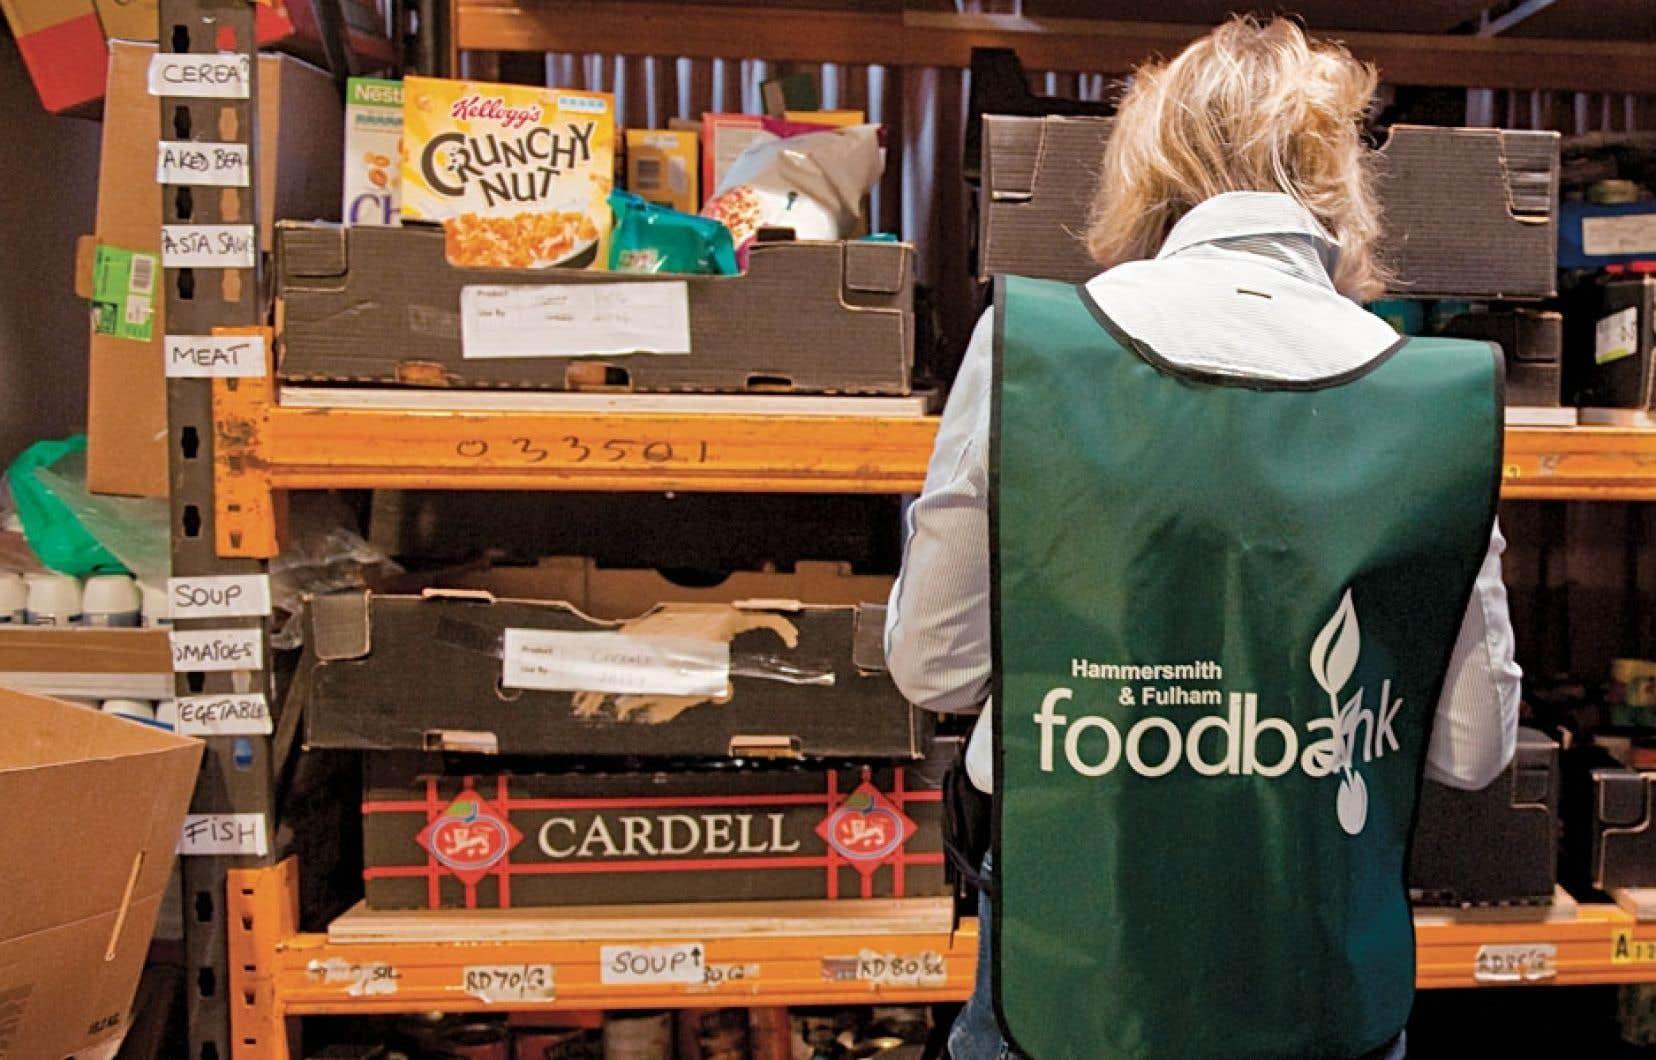 Entre autres conséquences, la réforme des prestations sociales risque d'accroître le recours aux banques alimentaires, déjà fort sollicitées.